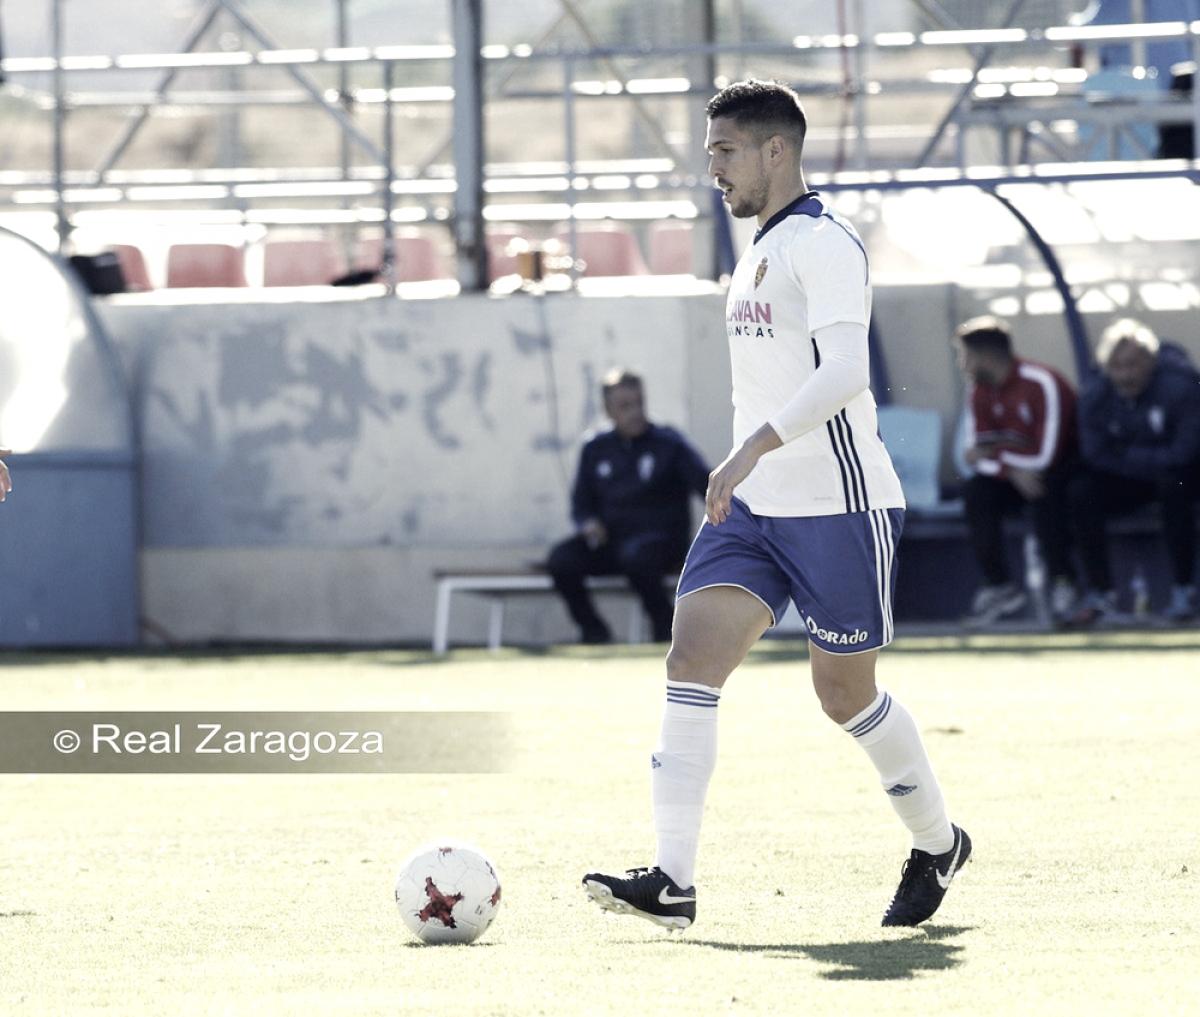 Derrota del Deportivo Aragón para acabar una temporada nefasta